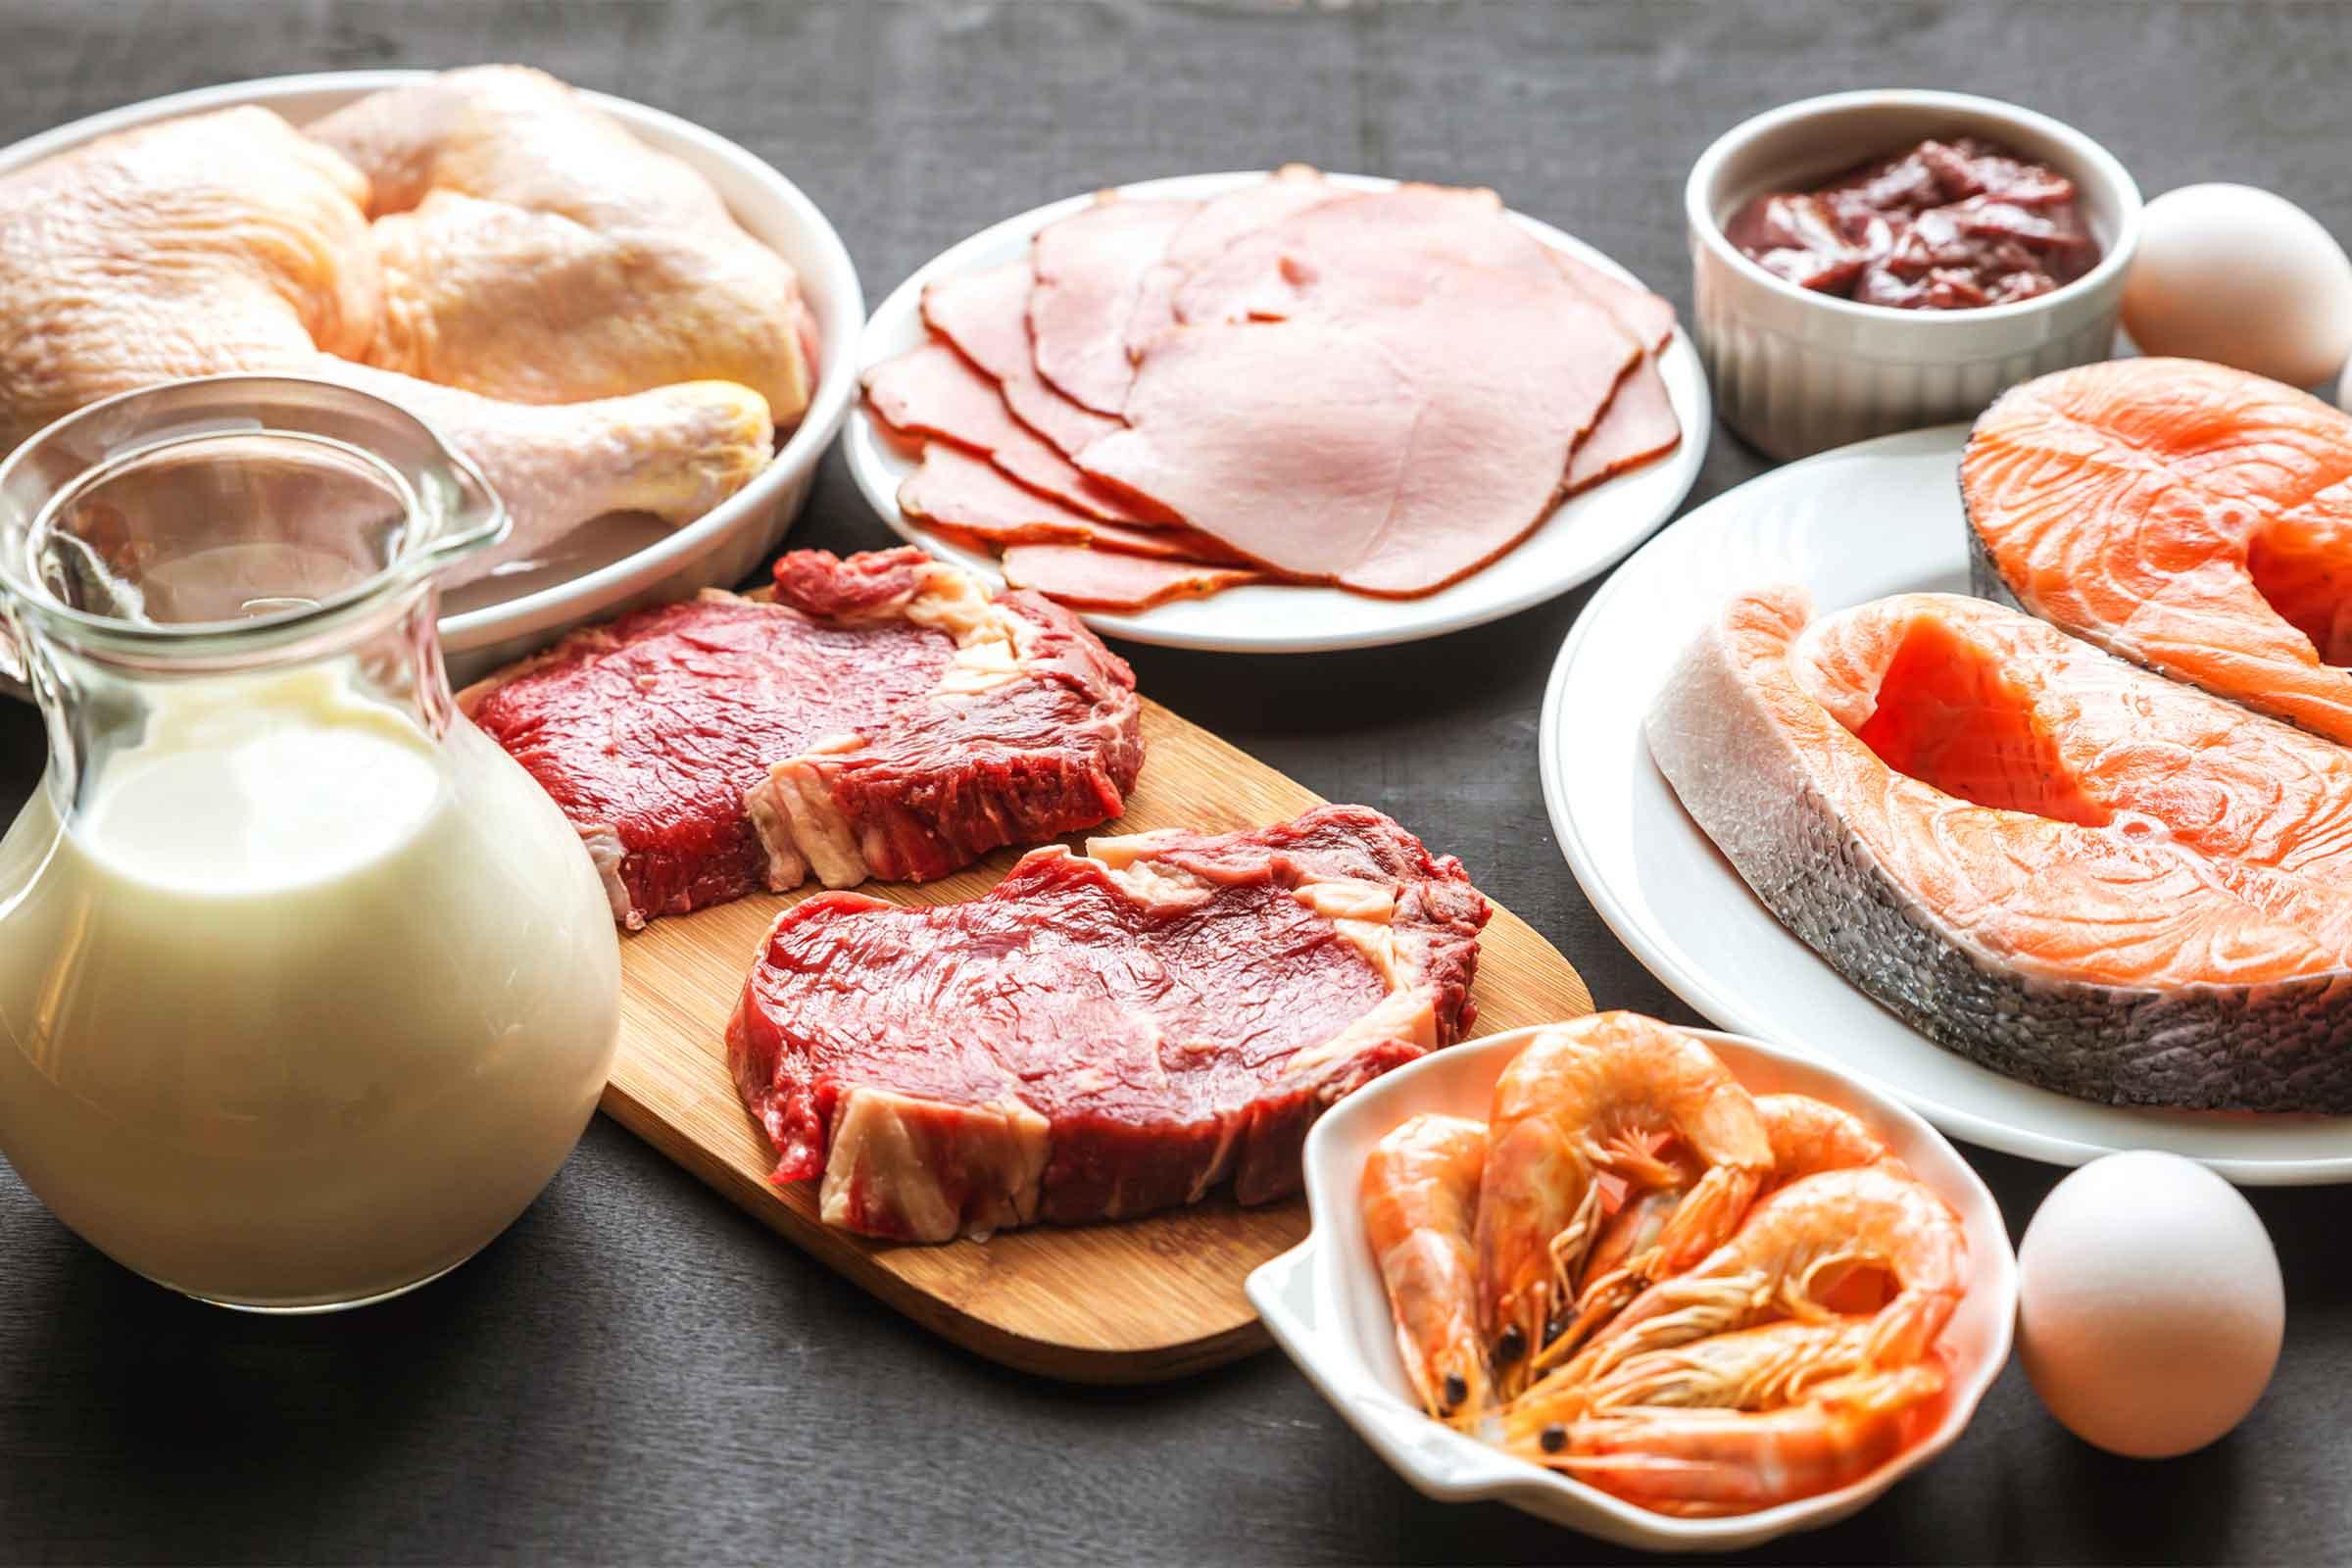 Nên cho trẻ nhỏ ăn vừa phải các loại thịt, cá, tôm, cua, trứng, sữa